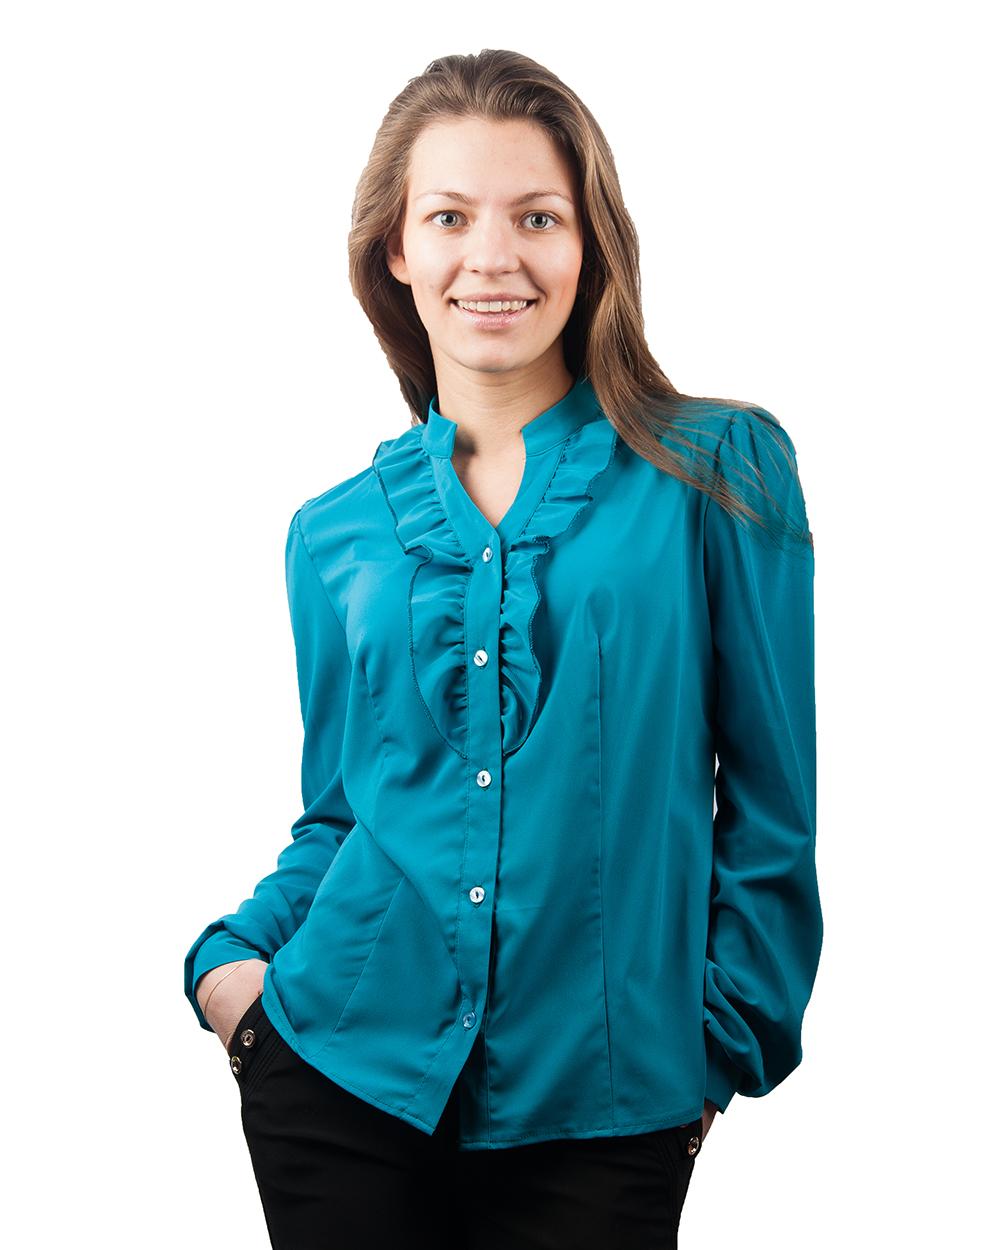 Голубые Блузки Купить